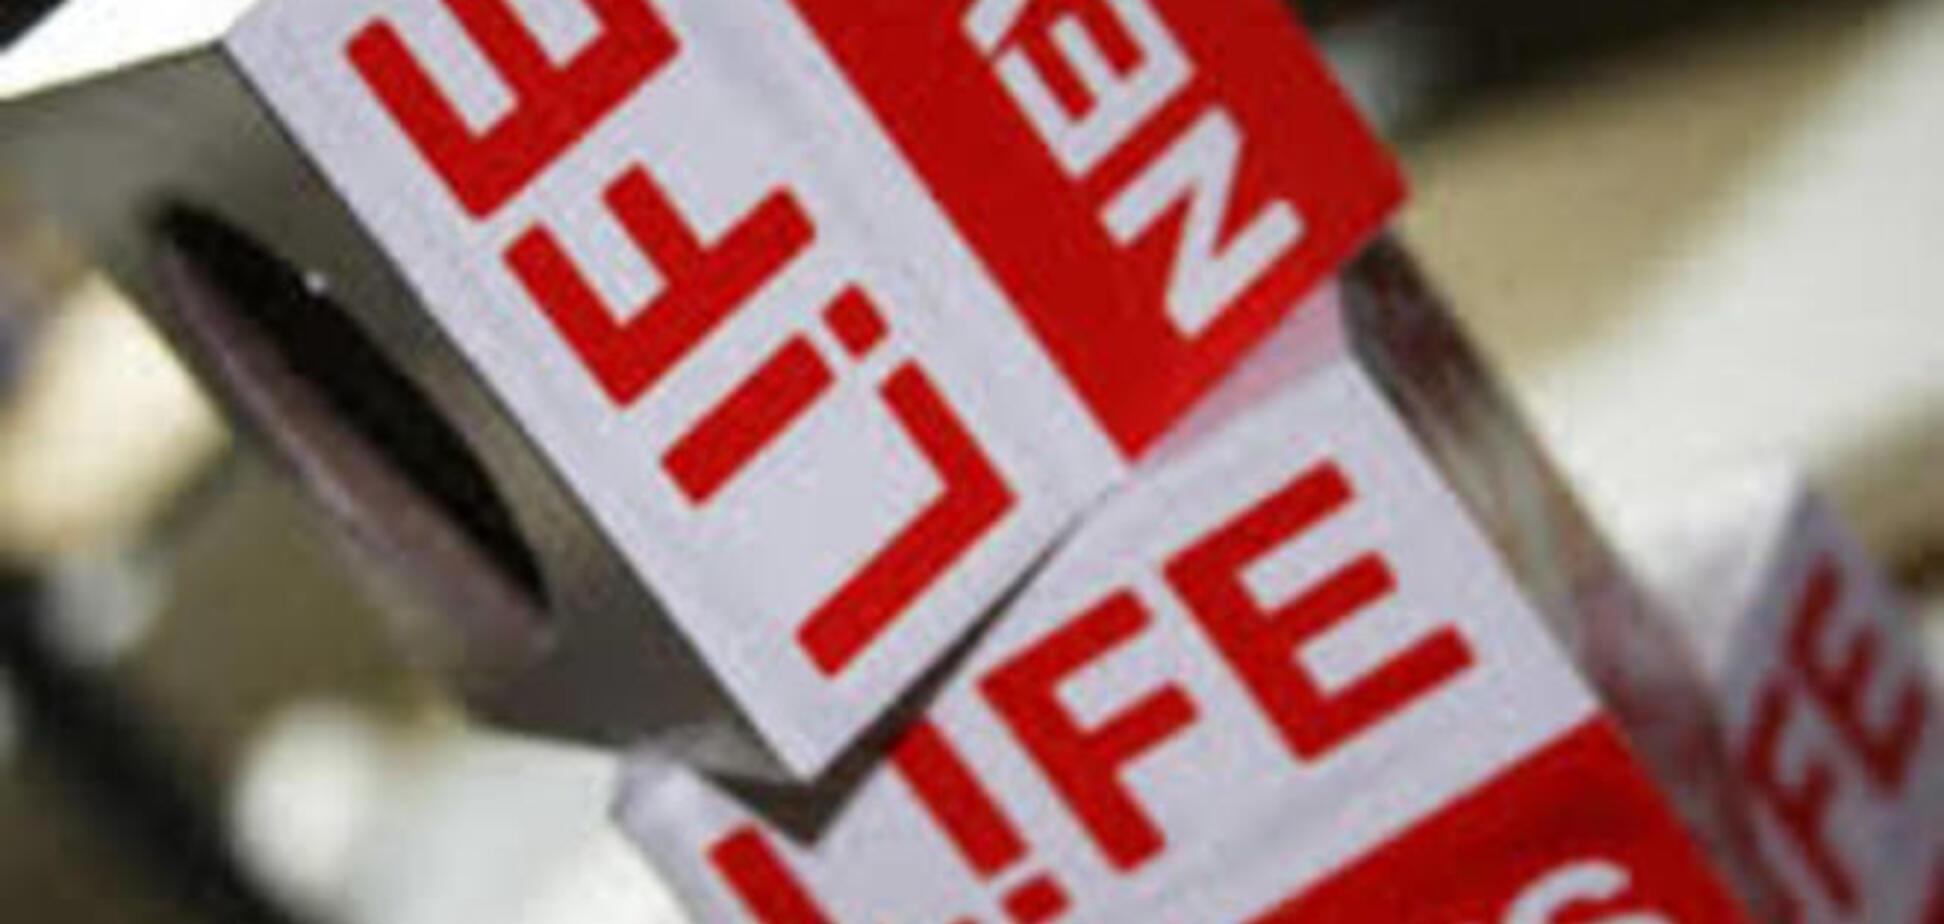 ОБСЕ о репортаже LifeNews c пленным 'киборгом': неэтично и неприемлемо